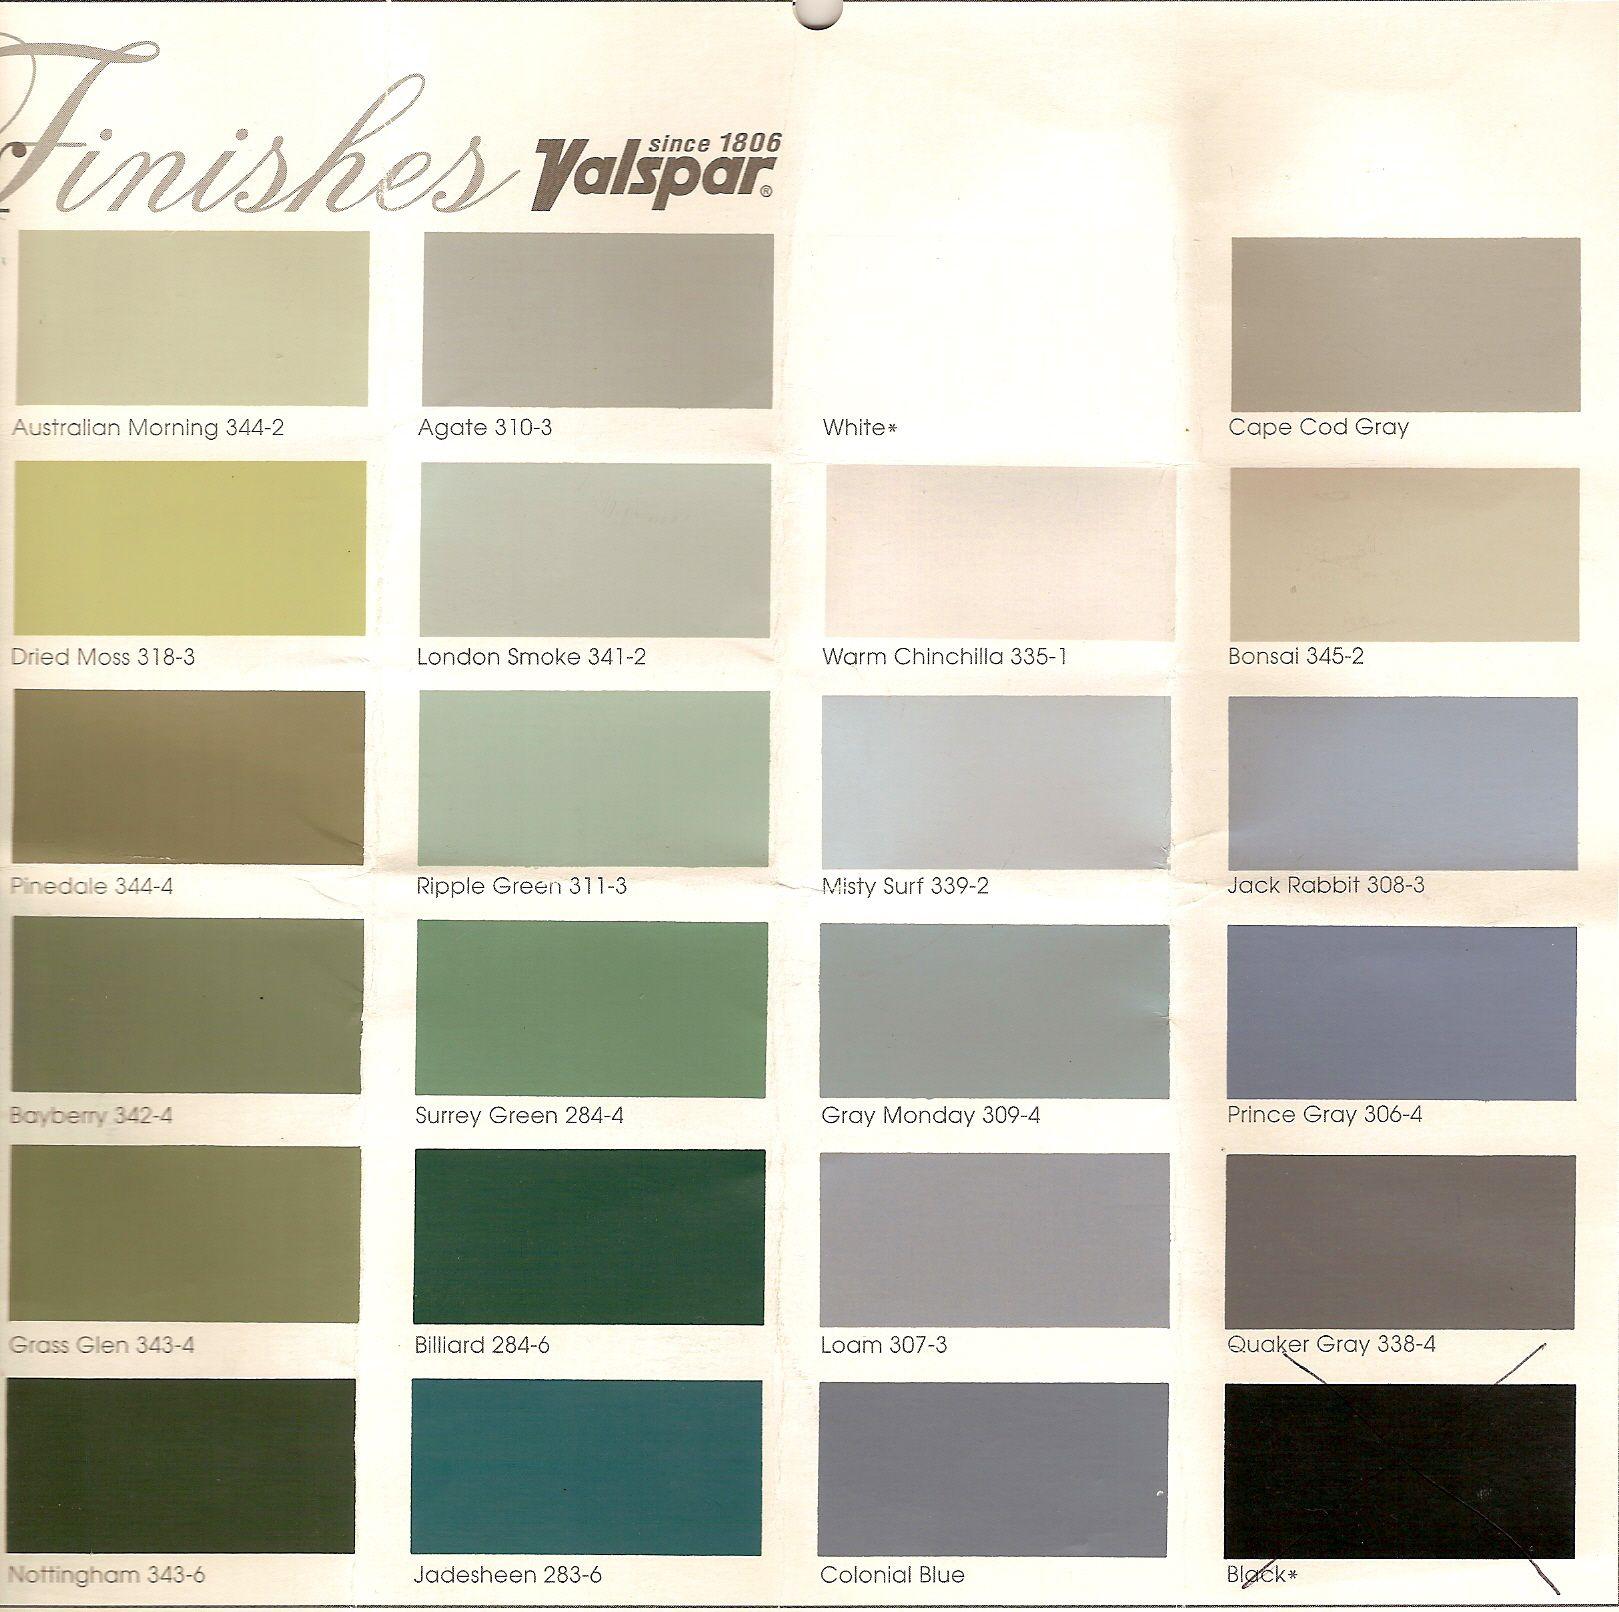 valspar exterior paint colors paint colors pinterest on valspar paint color chart id=28186